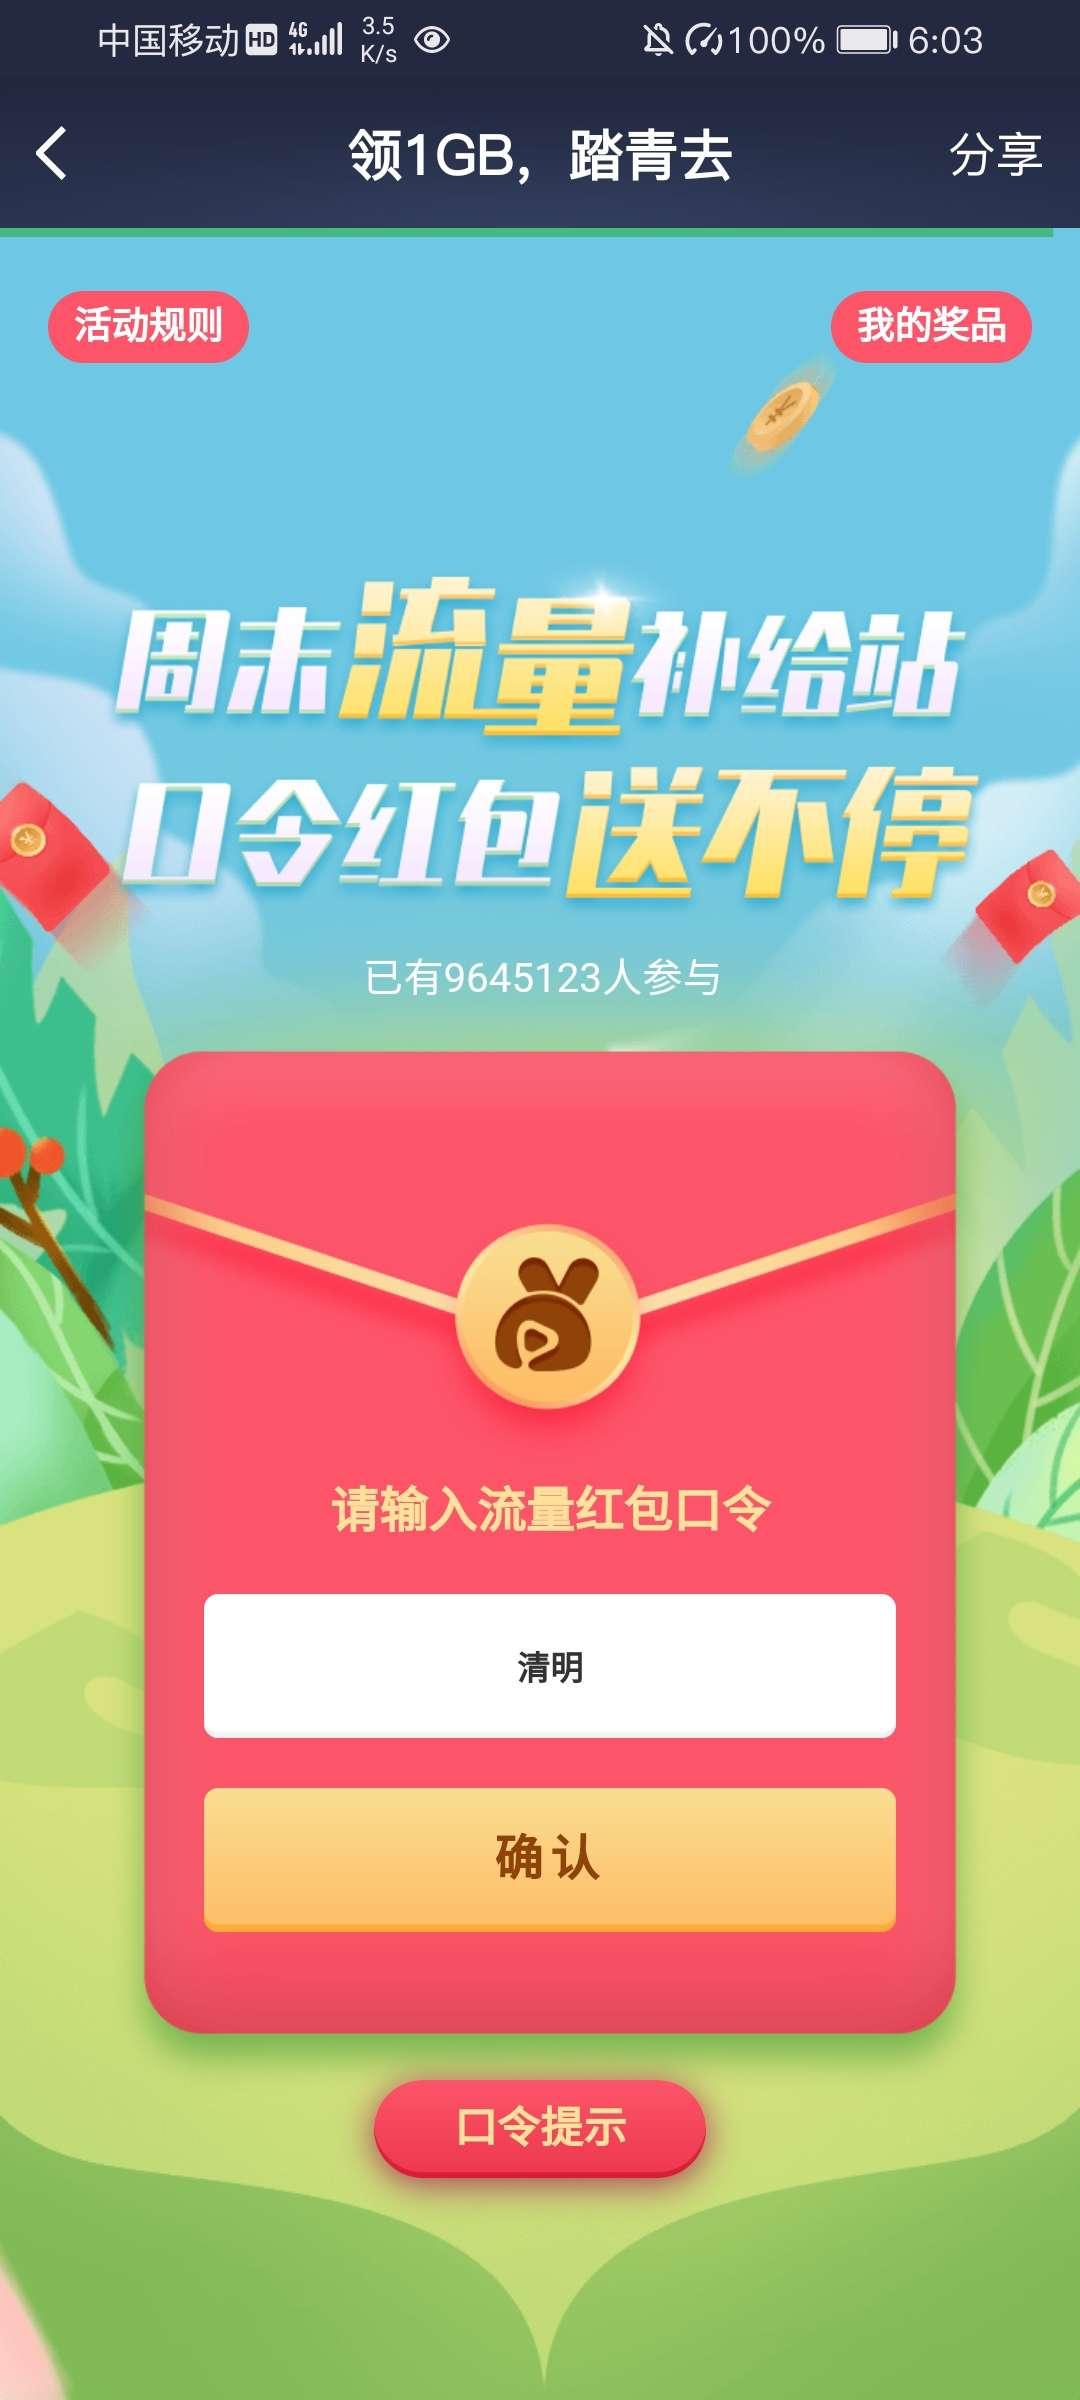 粤享5G周末流量补给站